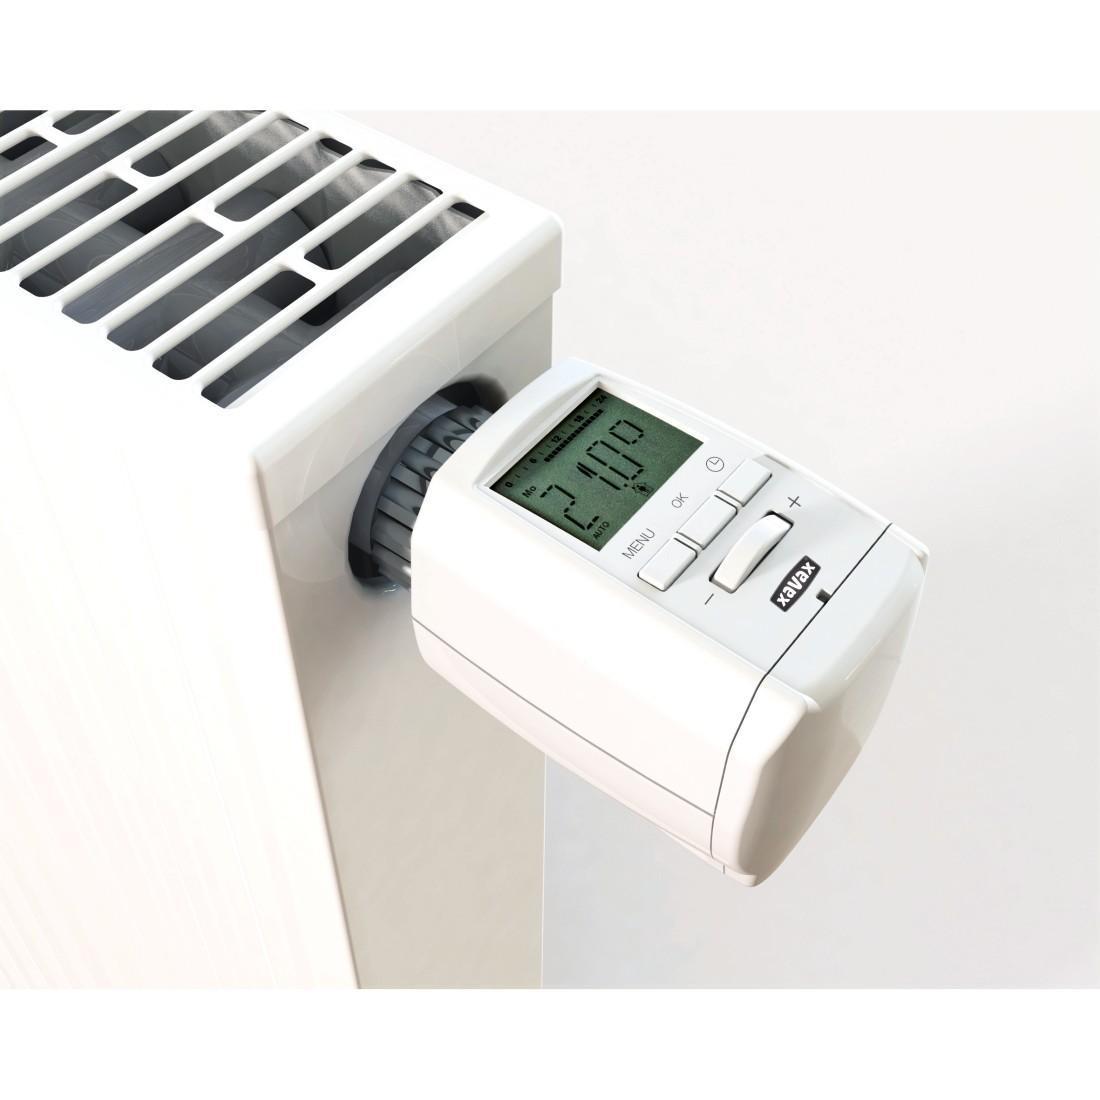 xavax heizk rperthermostat mit neuer xavax 2 app bluetooth smart kabellose steuerung via. Black Bedroom Furniture Sets. Home Design Ideas